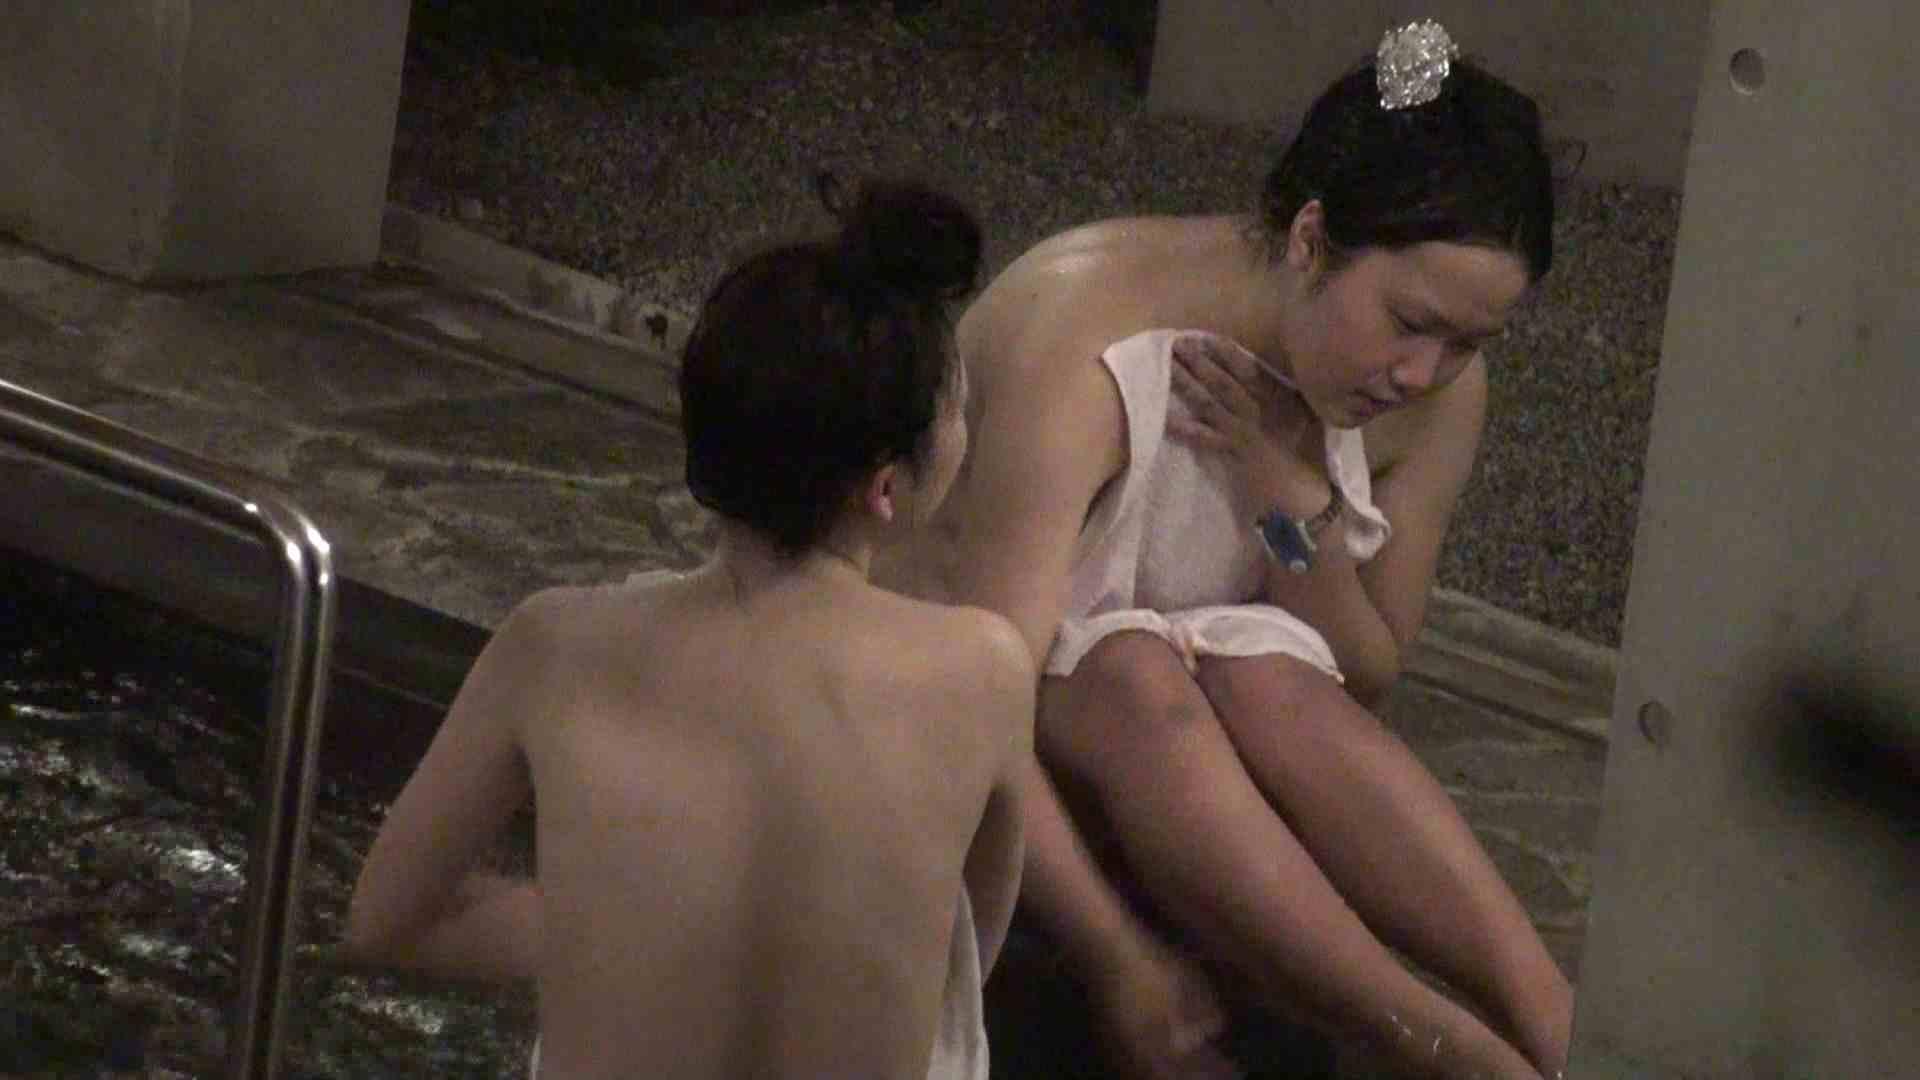 Aquaな露天風呂Vol.382 OLエロ画像 | 盗撮  78PICs 16